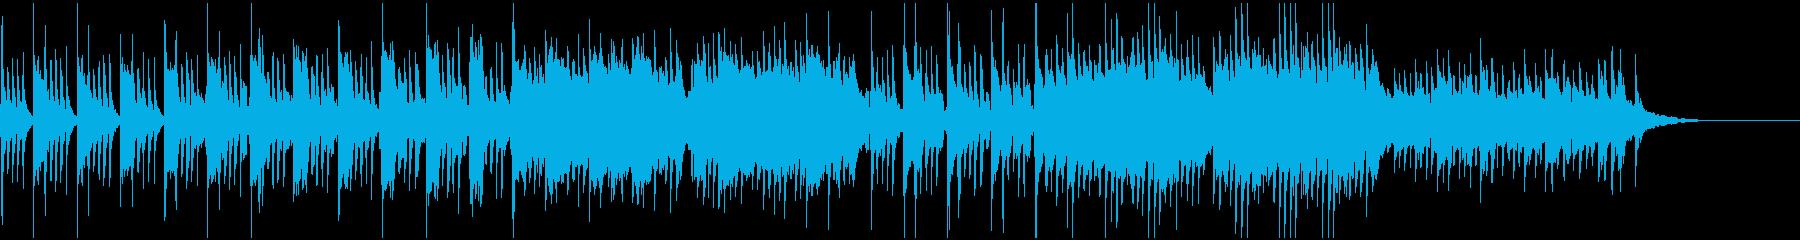 キラキラしたピアノバラード小品の再生済みの波形